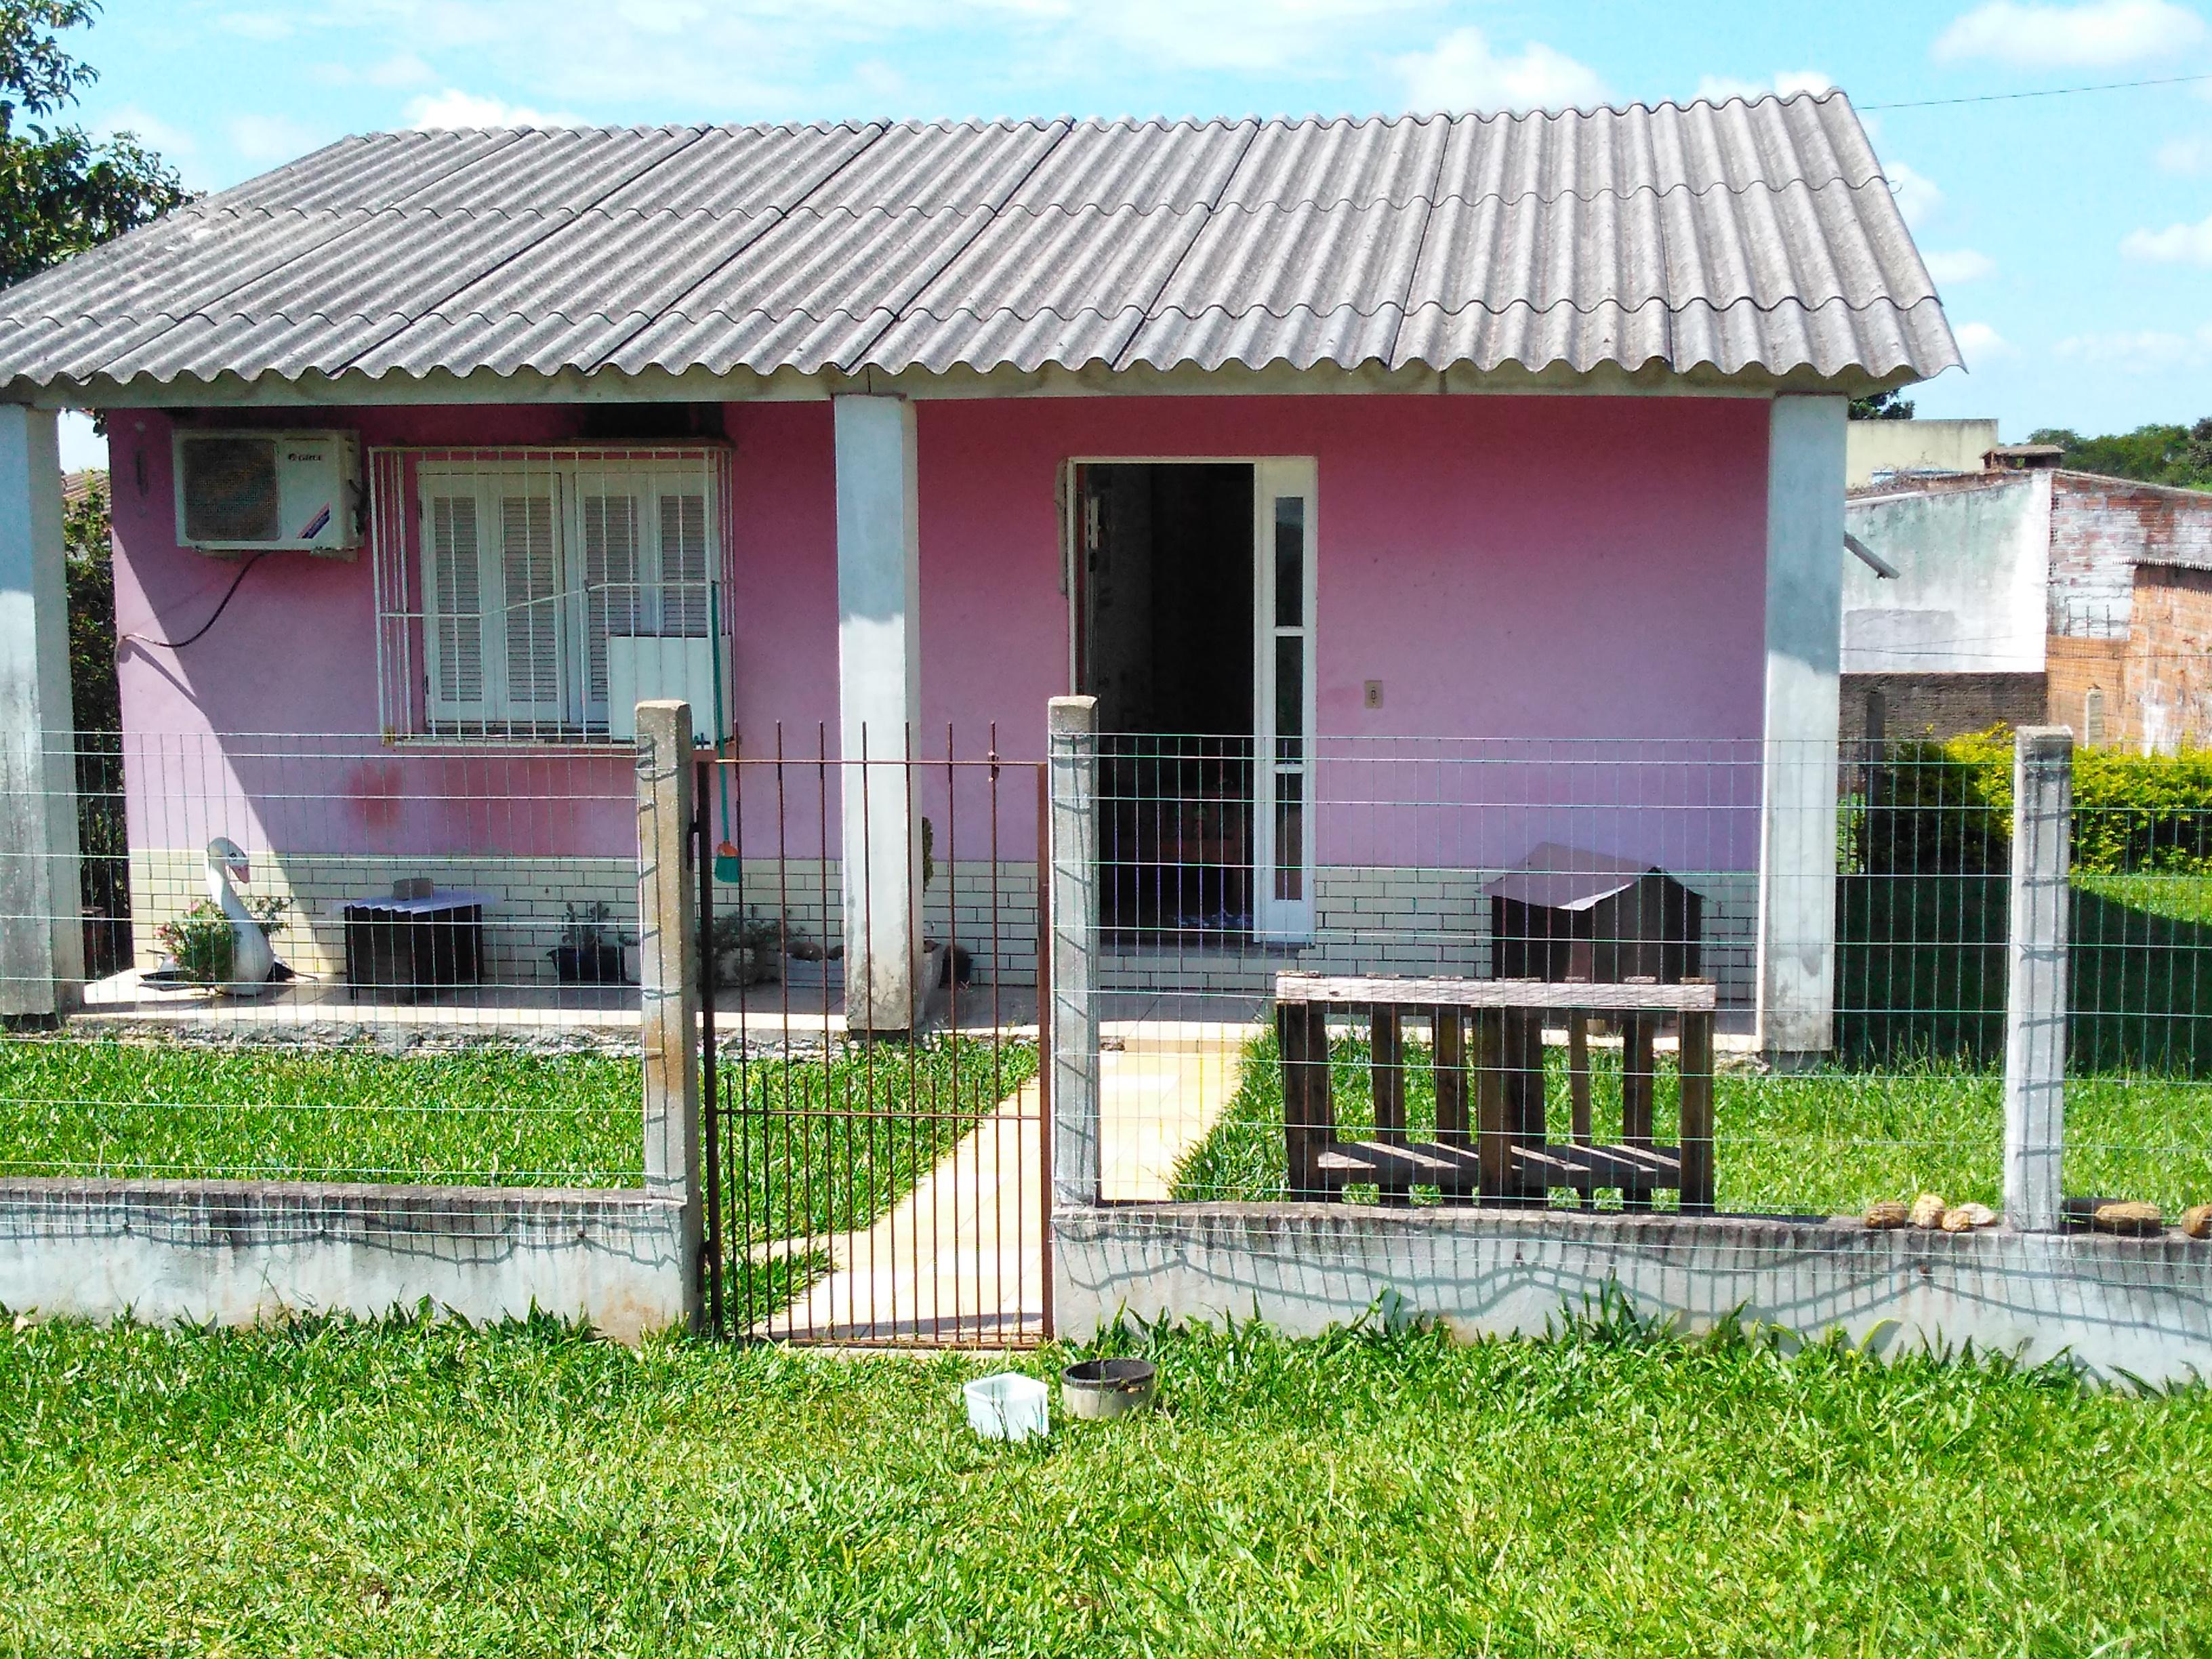 Casa alvenaria B. Carvalho